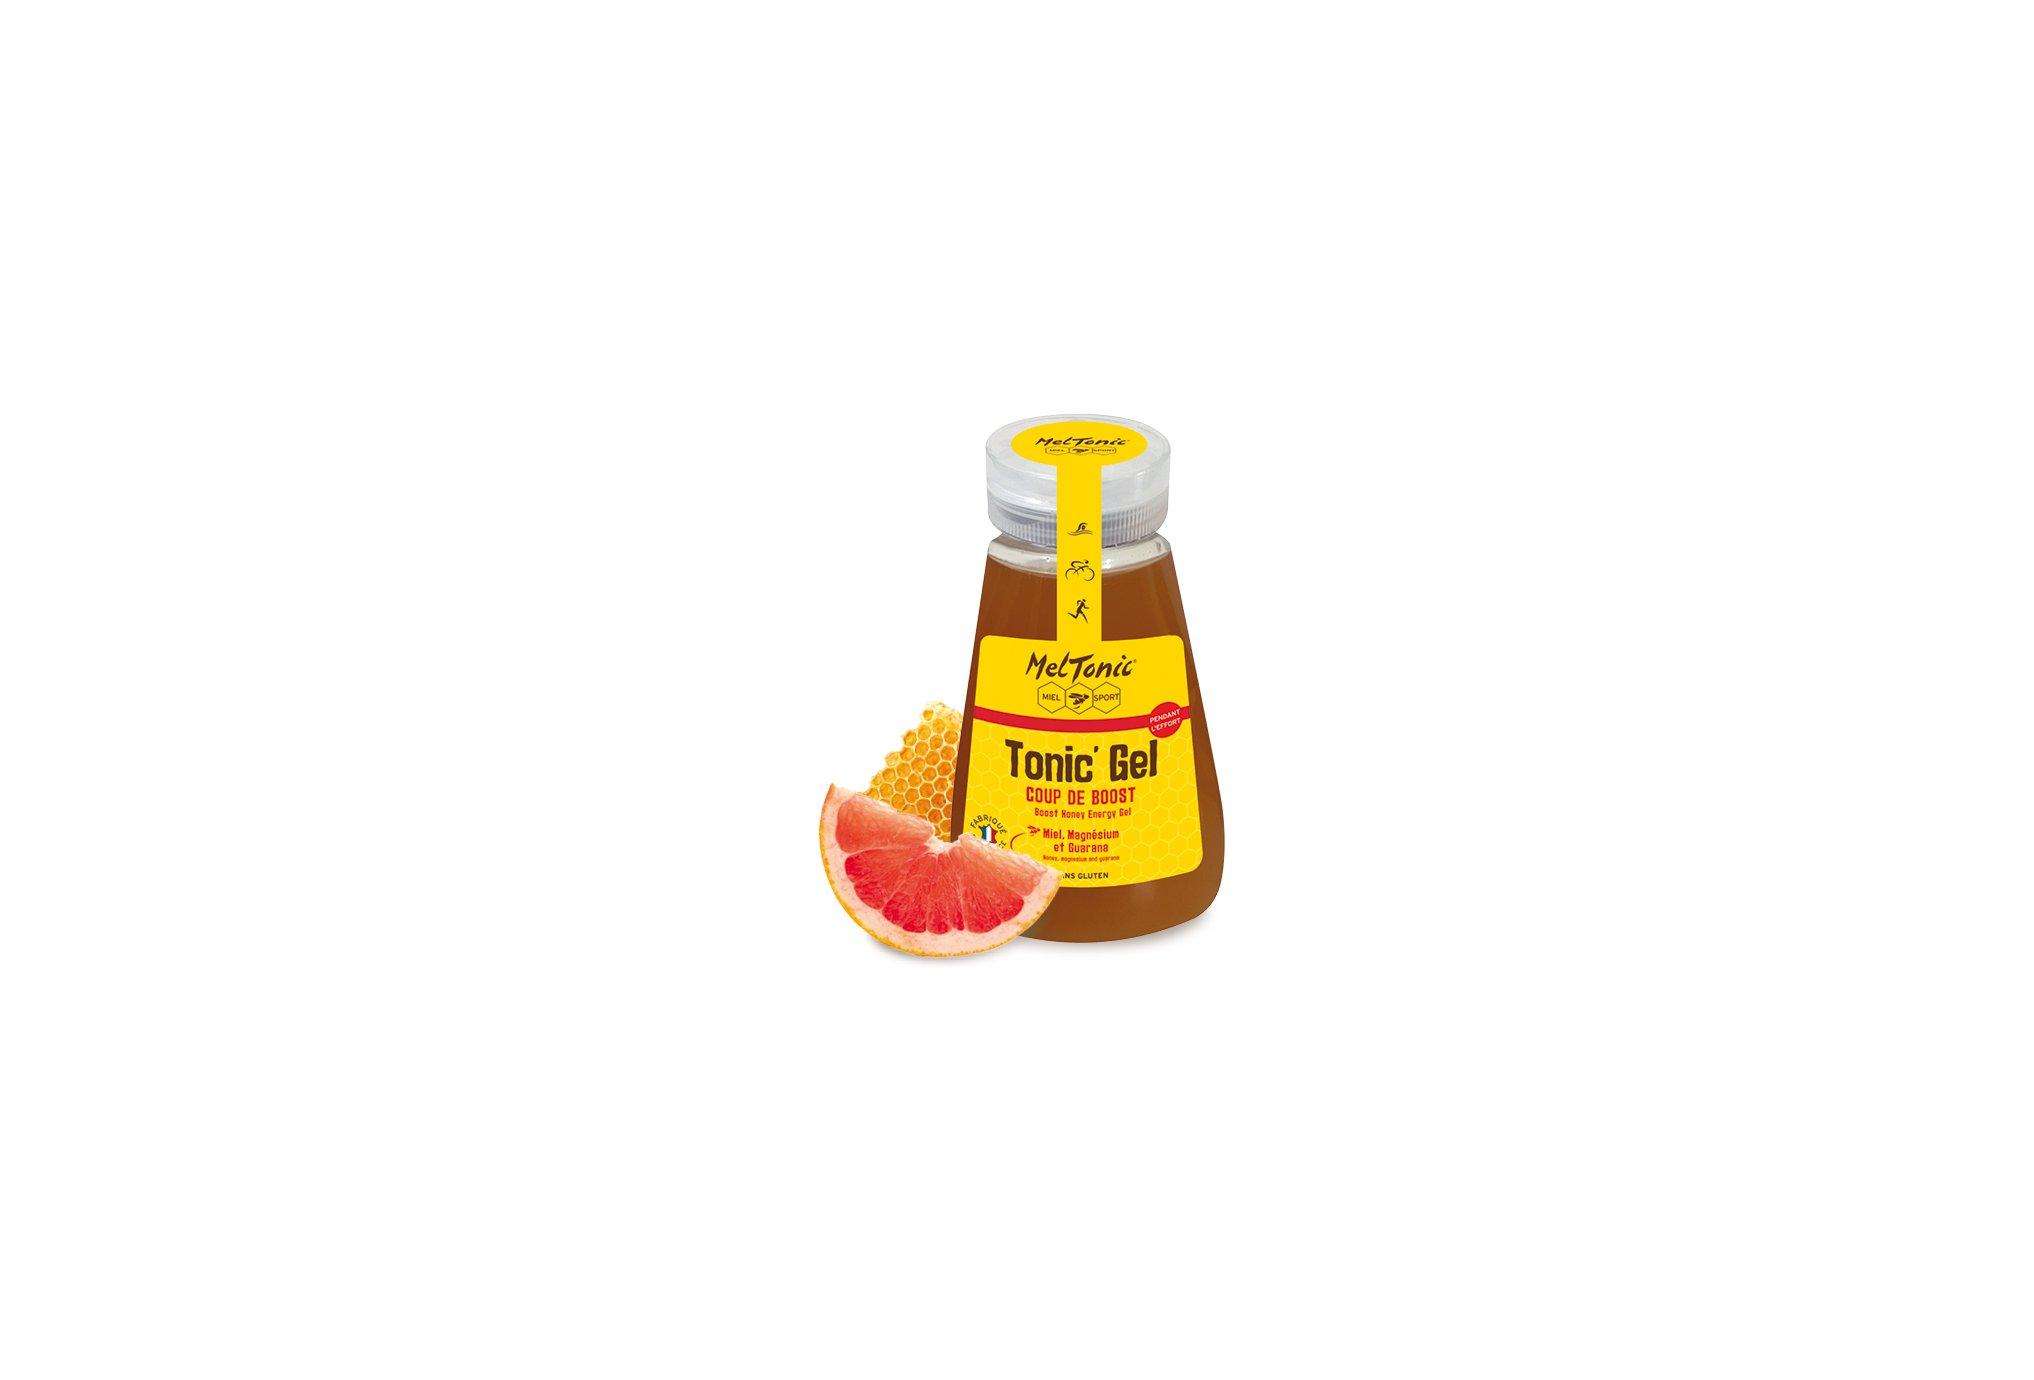 MelTonic Recharge Eco Tonic'Gel Coup de Boost Diététique Gels